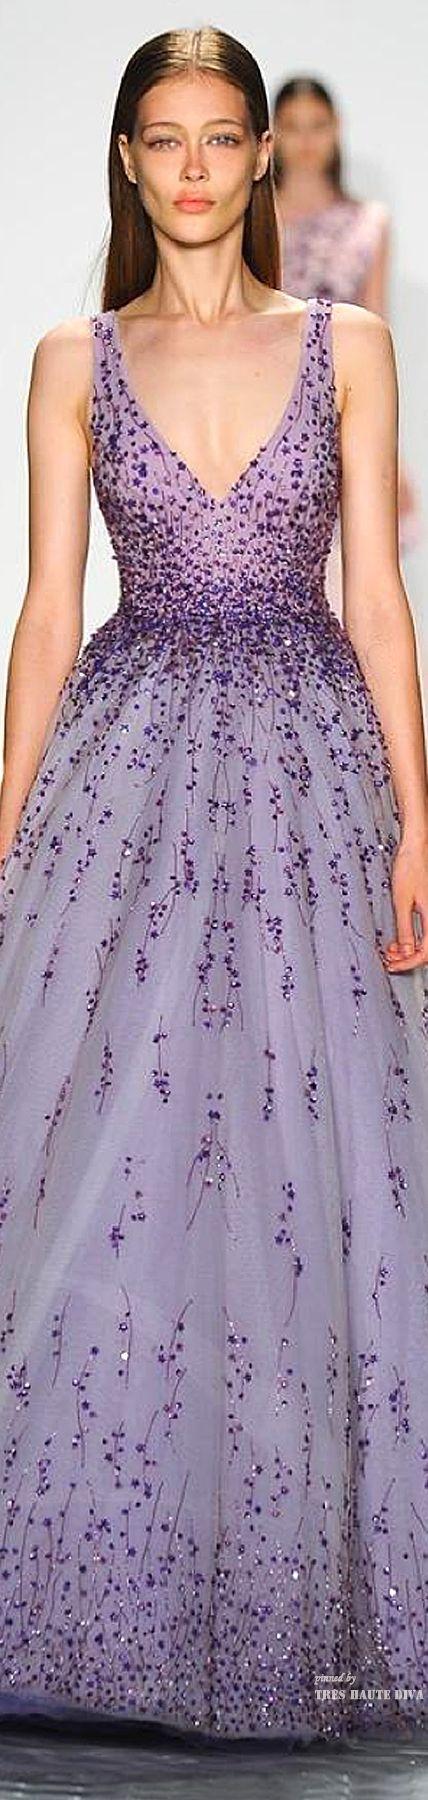 Monique Lhuillier ~ Evening Gown, Purple, Spring 2015 by AislingH ...